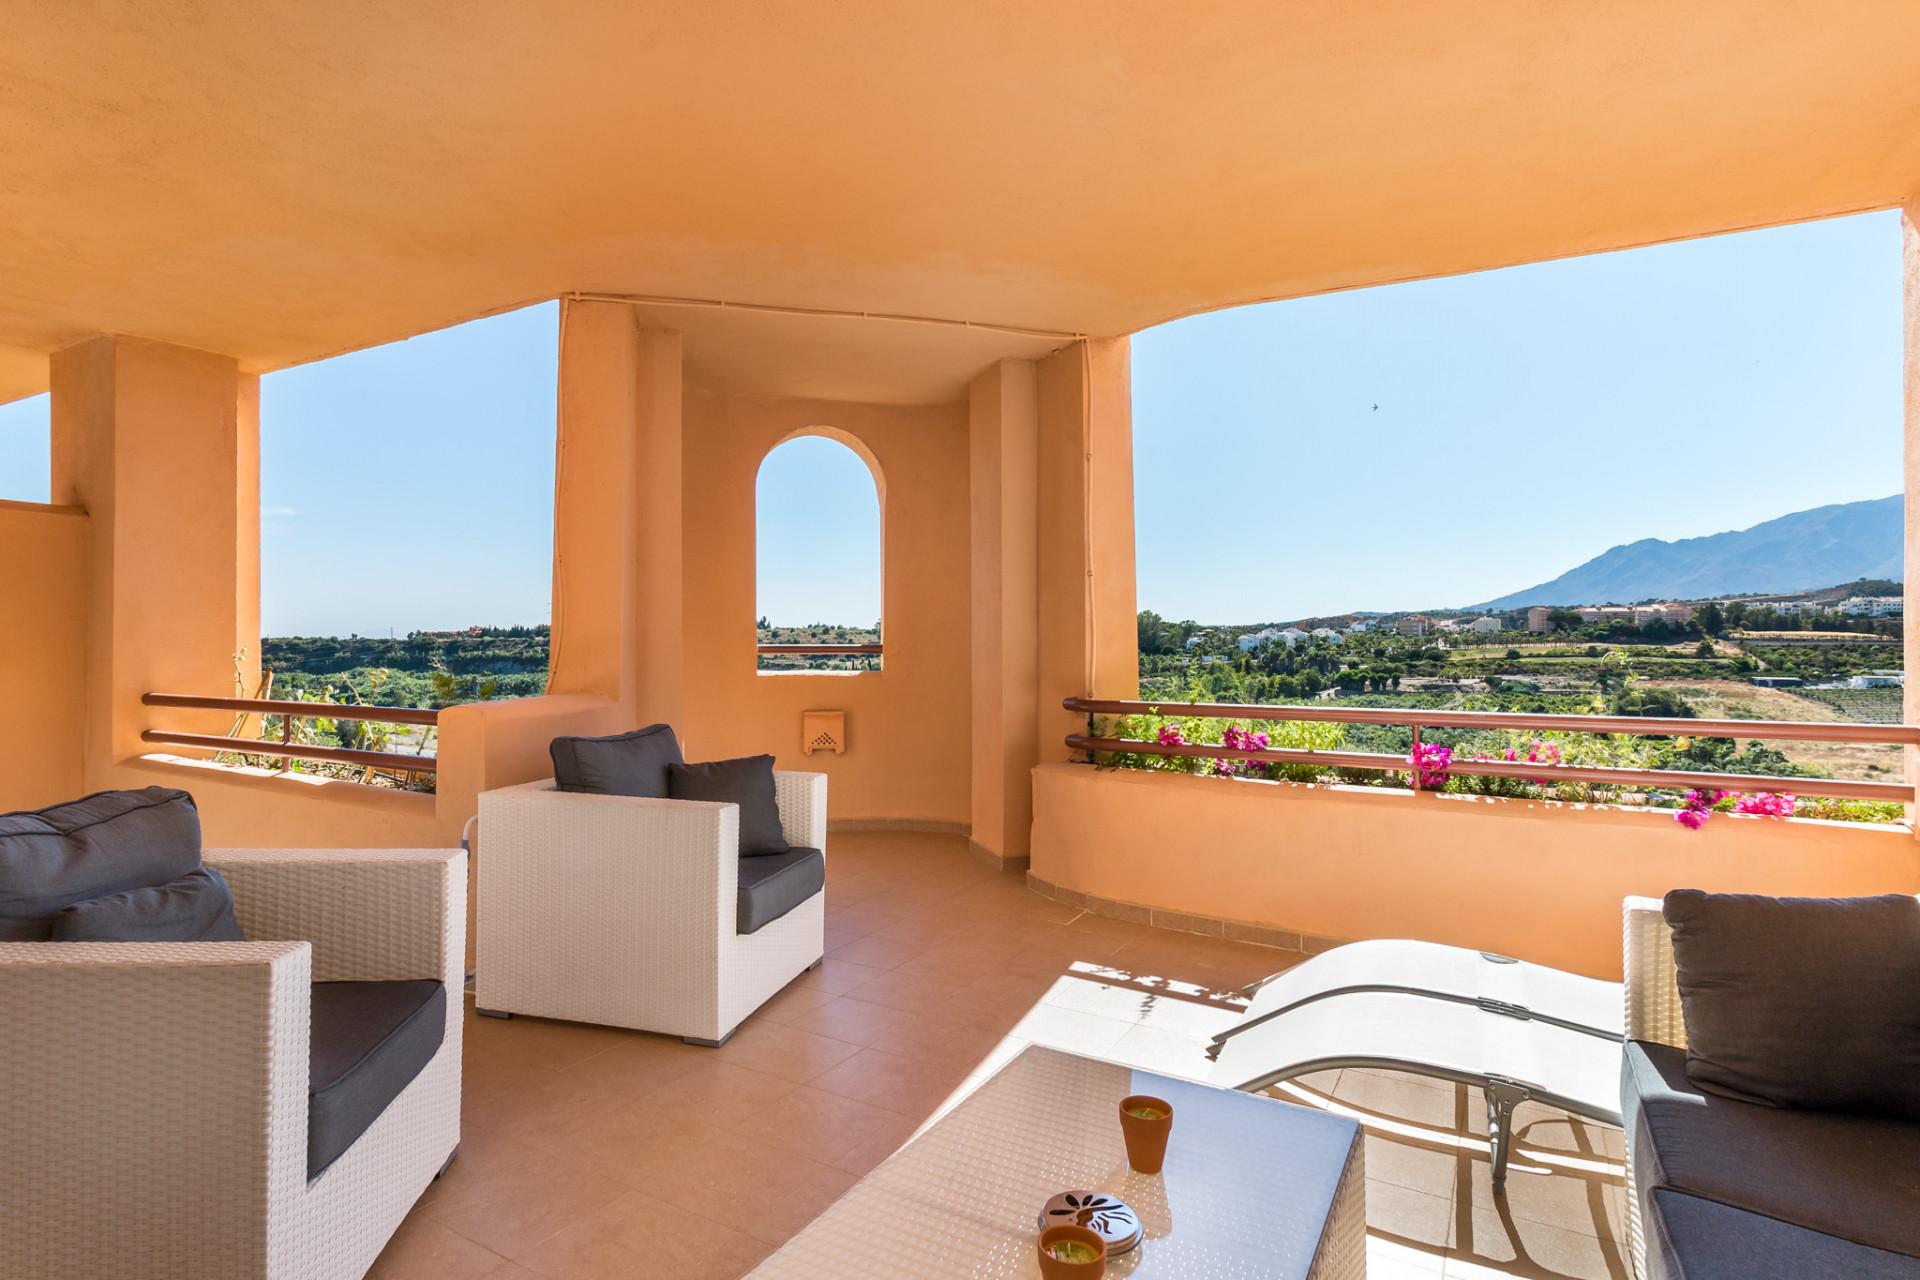 Apartment For Sale in Estepona (Cancelada)